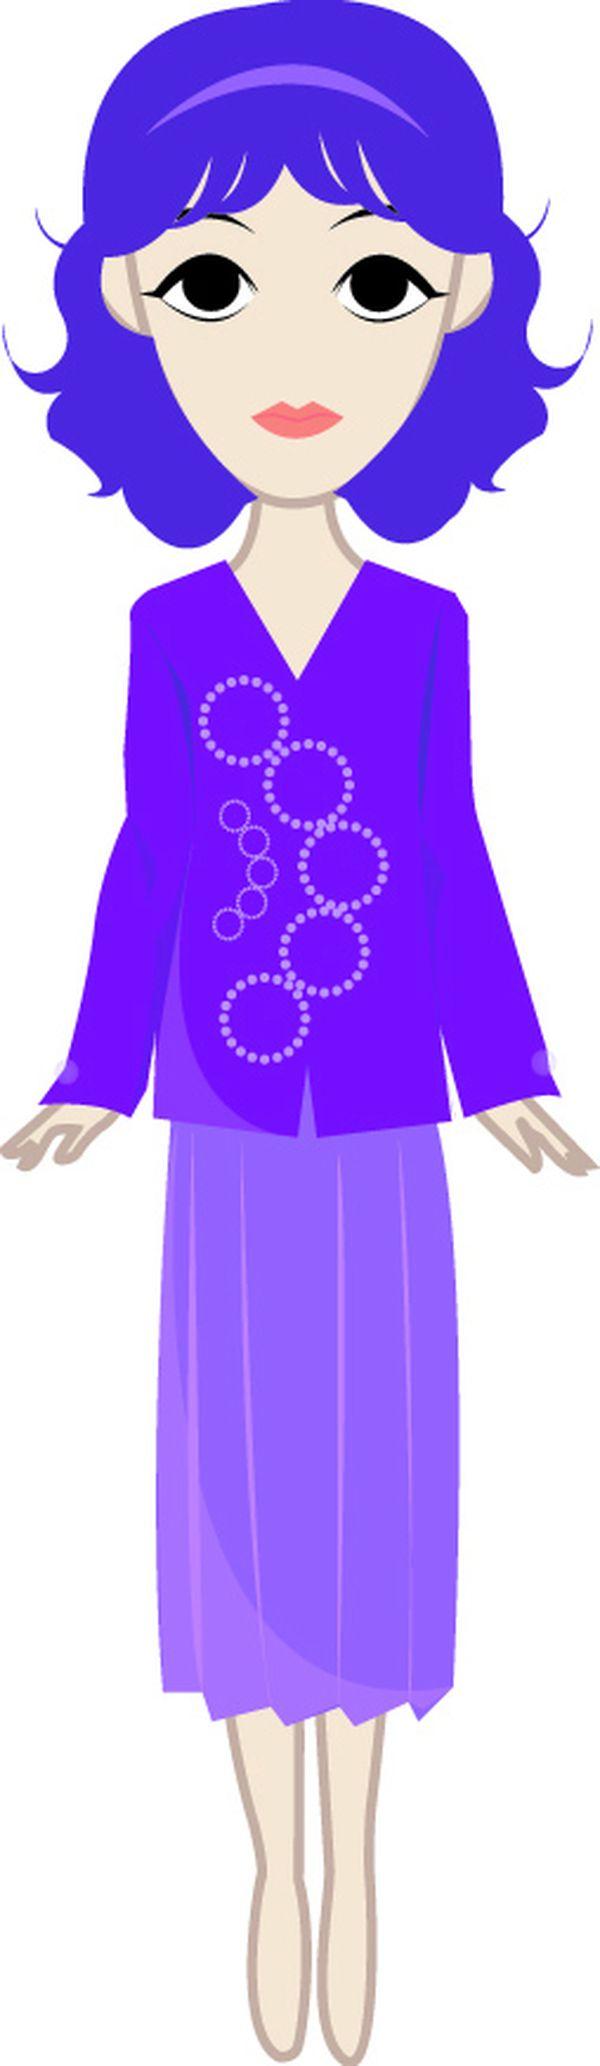 蓝色 裙子 休闲装 人物休闲-标题插画-标题插画篇,人物休闲